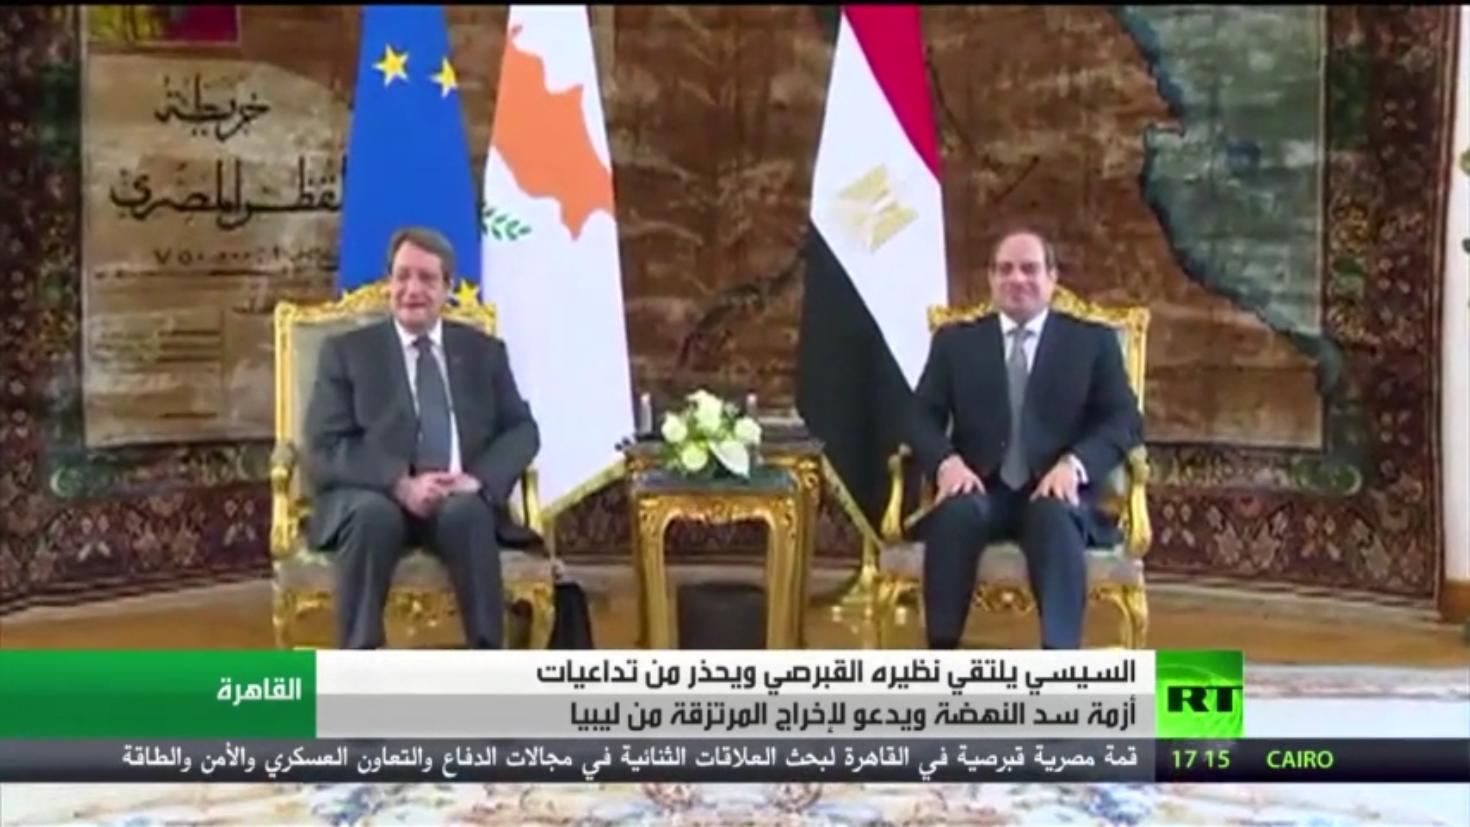 قمة مصرية قبرصية لبحث التعاون المشترك